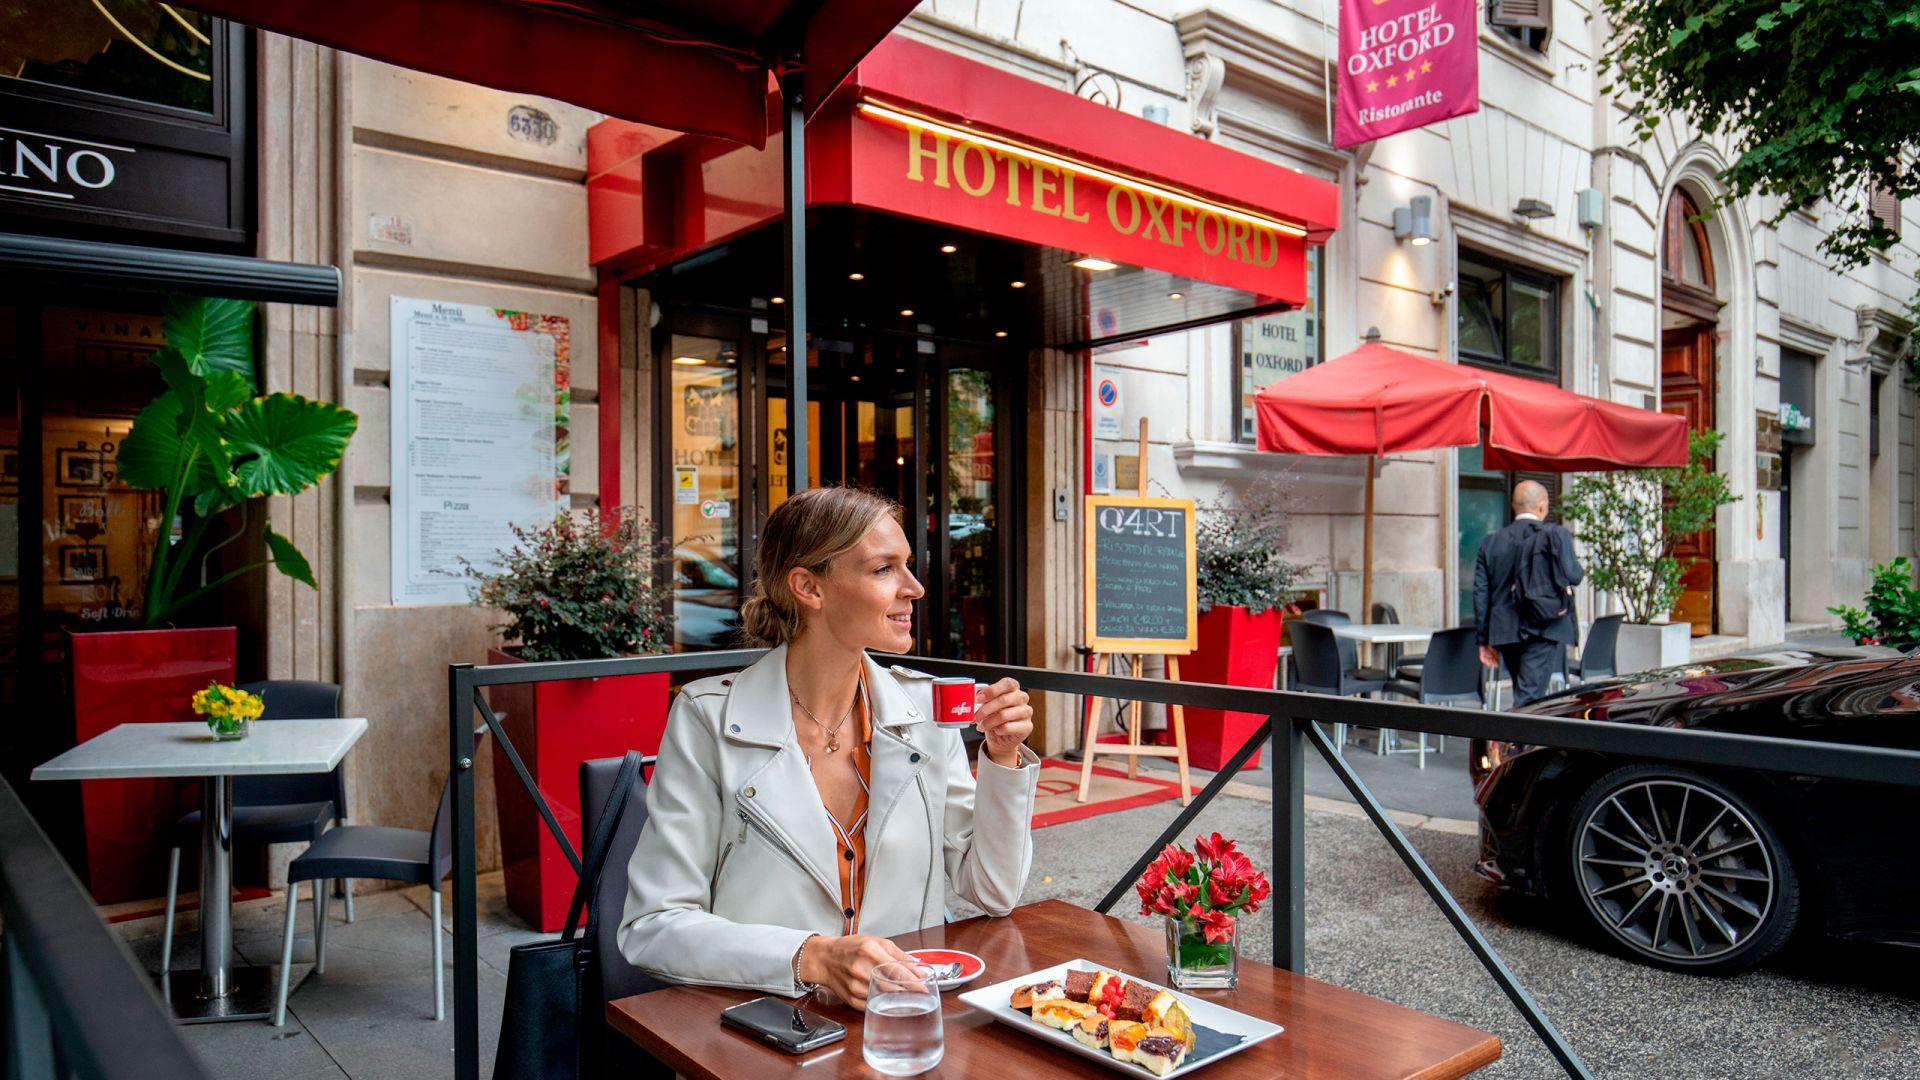 IMG-6659--Hotel-Oxofrd-Roma-Quart-Restaurant.jpg